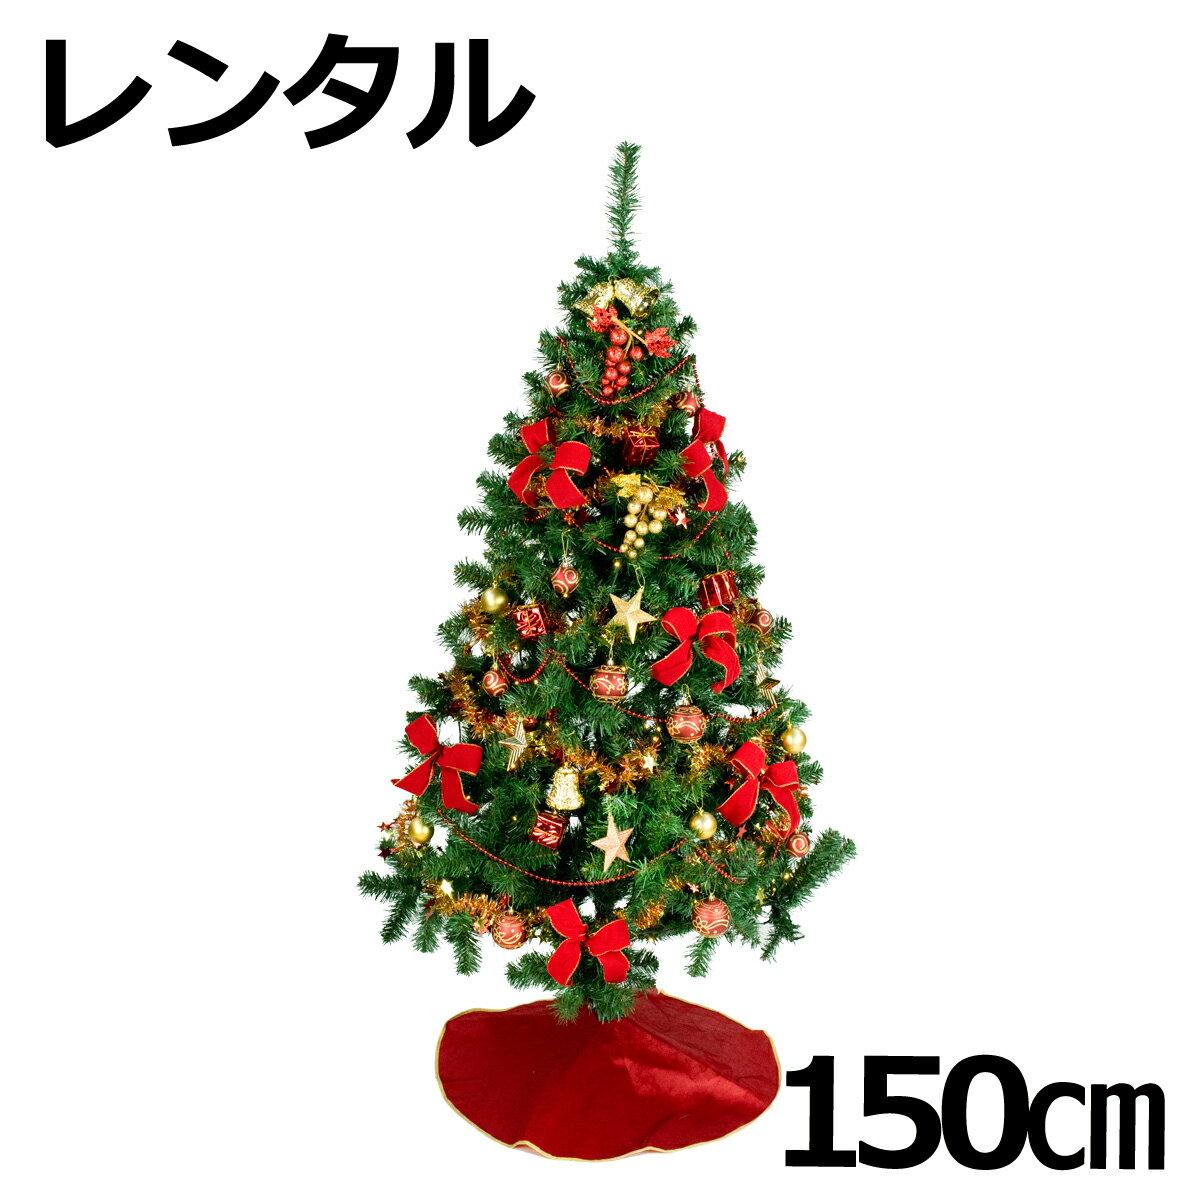 【レンタル】 クリスマスツリー セット 150cm 新レッド&ゴールド 【往復 送料無料】 クリスマスツリー レンタル fy16REN07